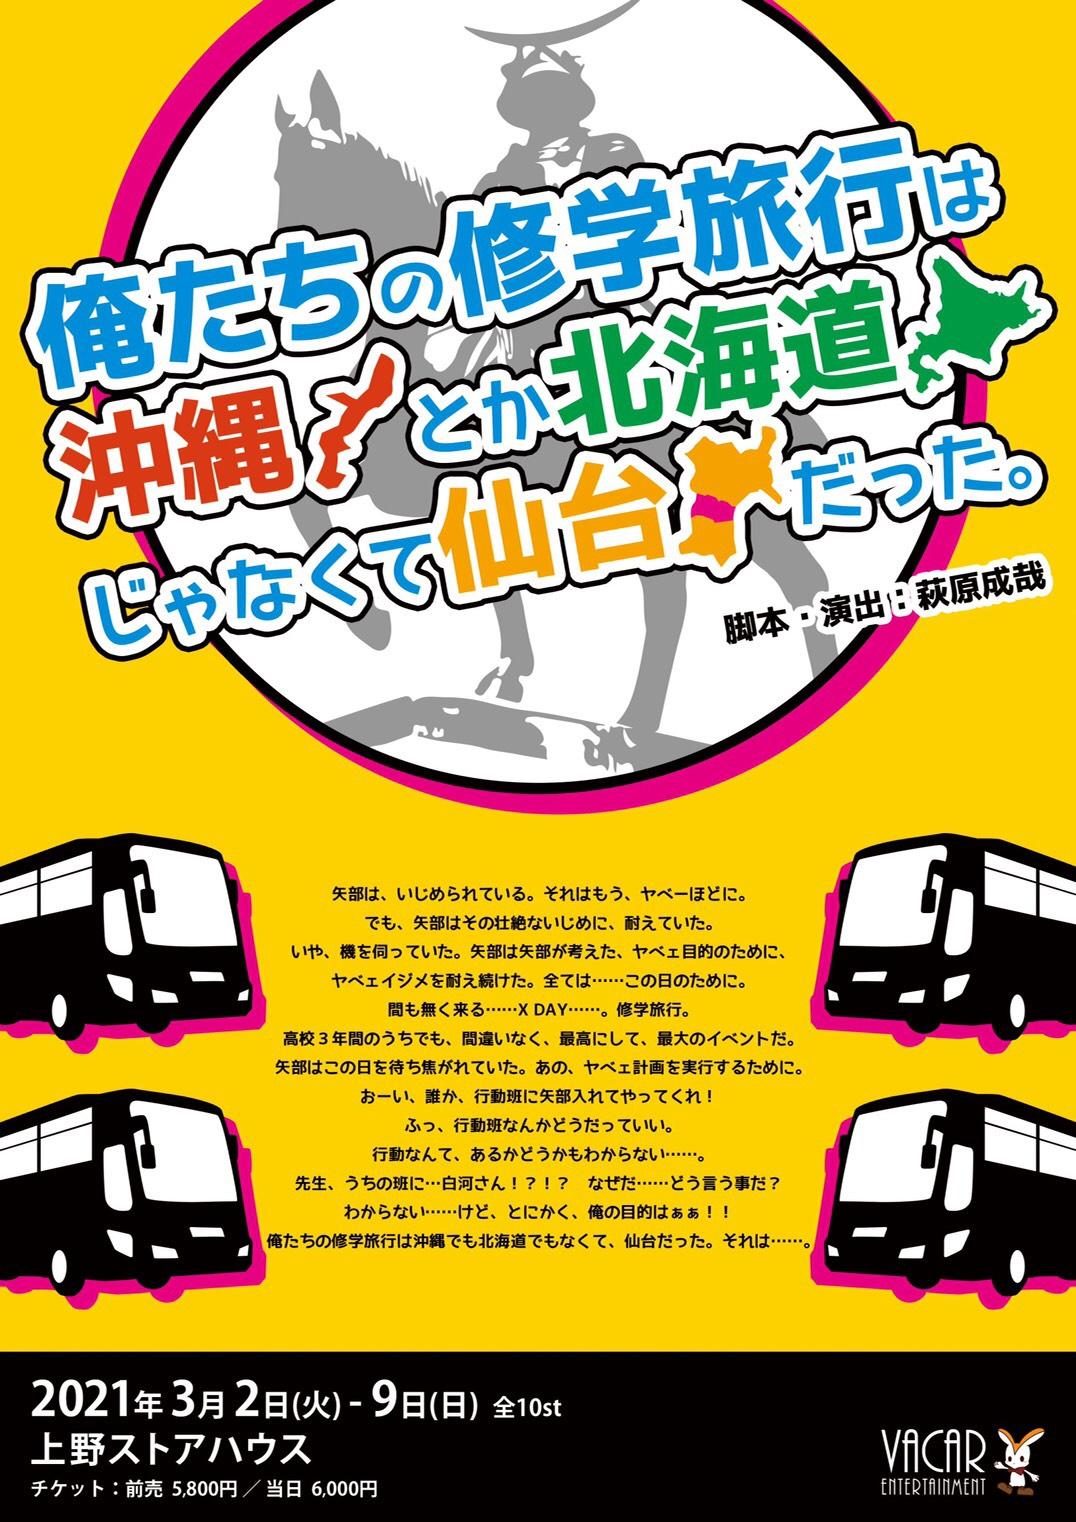 オーディション 2021年3月舞台「俺たちの修学旅行は沖縄とか北海道じゃなくて仙台だった。」出演者募集 主催:株式会社ヴァカーエンターテインメント、カテゴリ:舞台